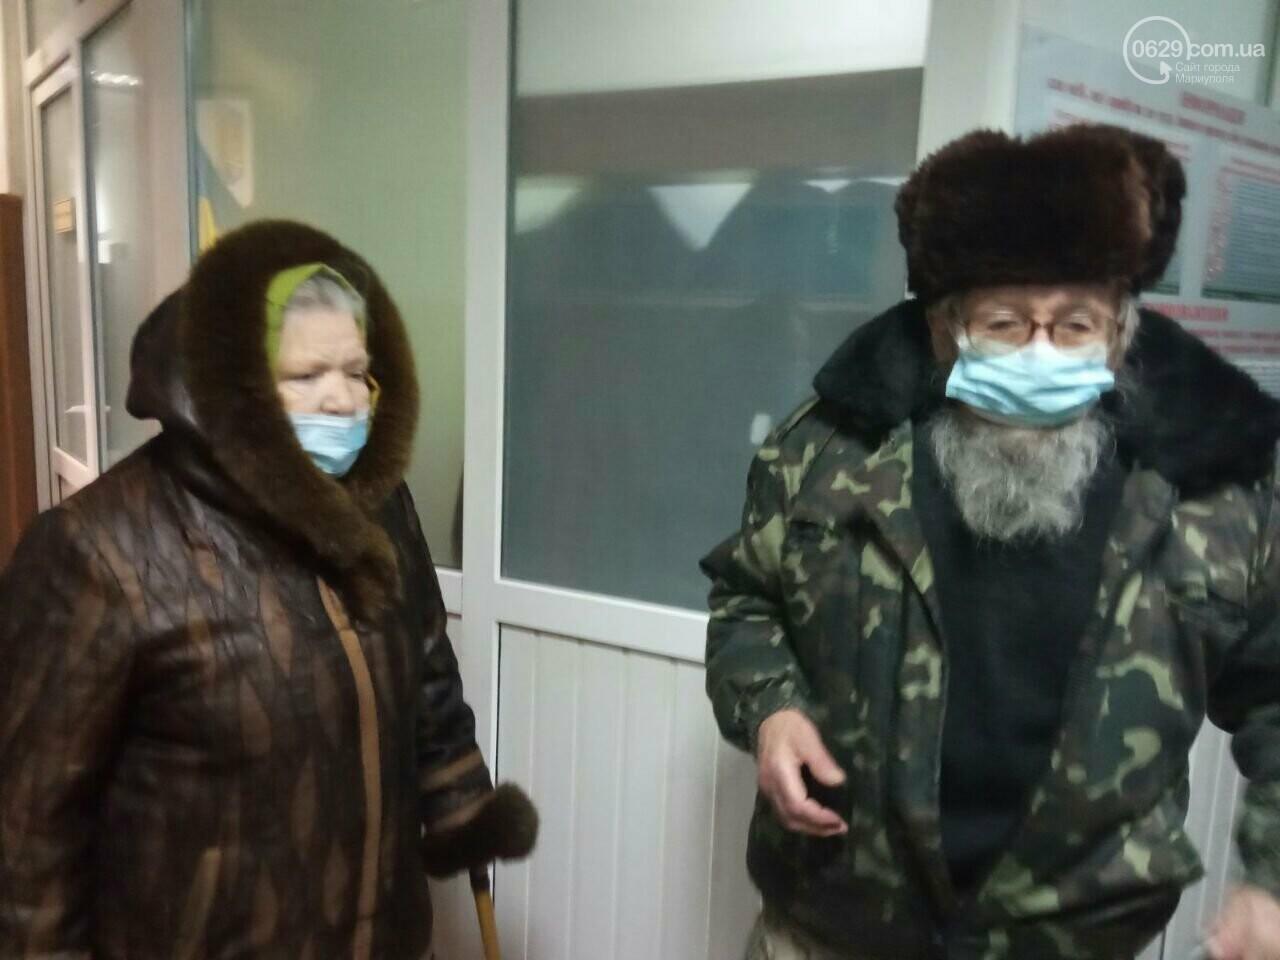 """""""Смотрите на ожоги!"""" Родители показали в суде кадры погибшей на заводе Юлии Диковой, - ФОТО, фото-1"""